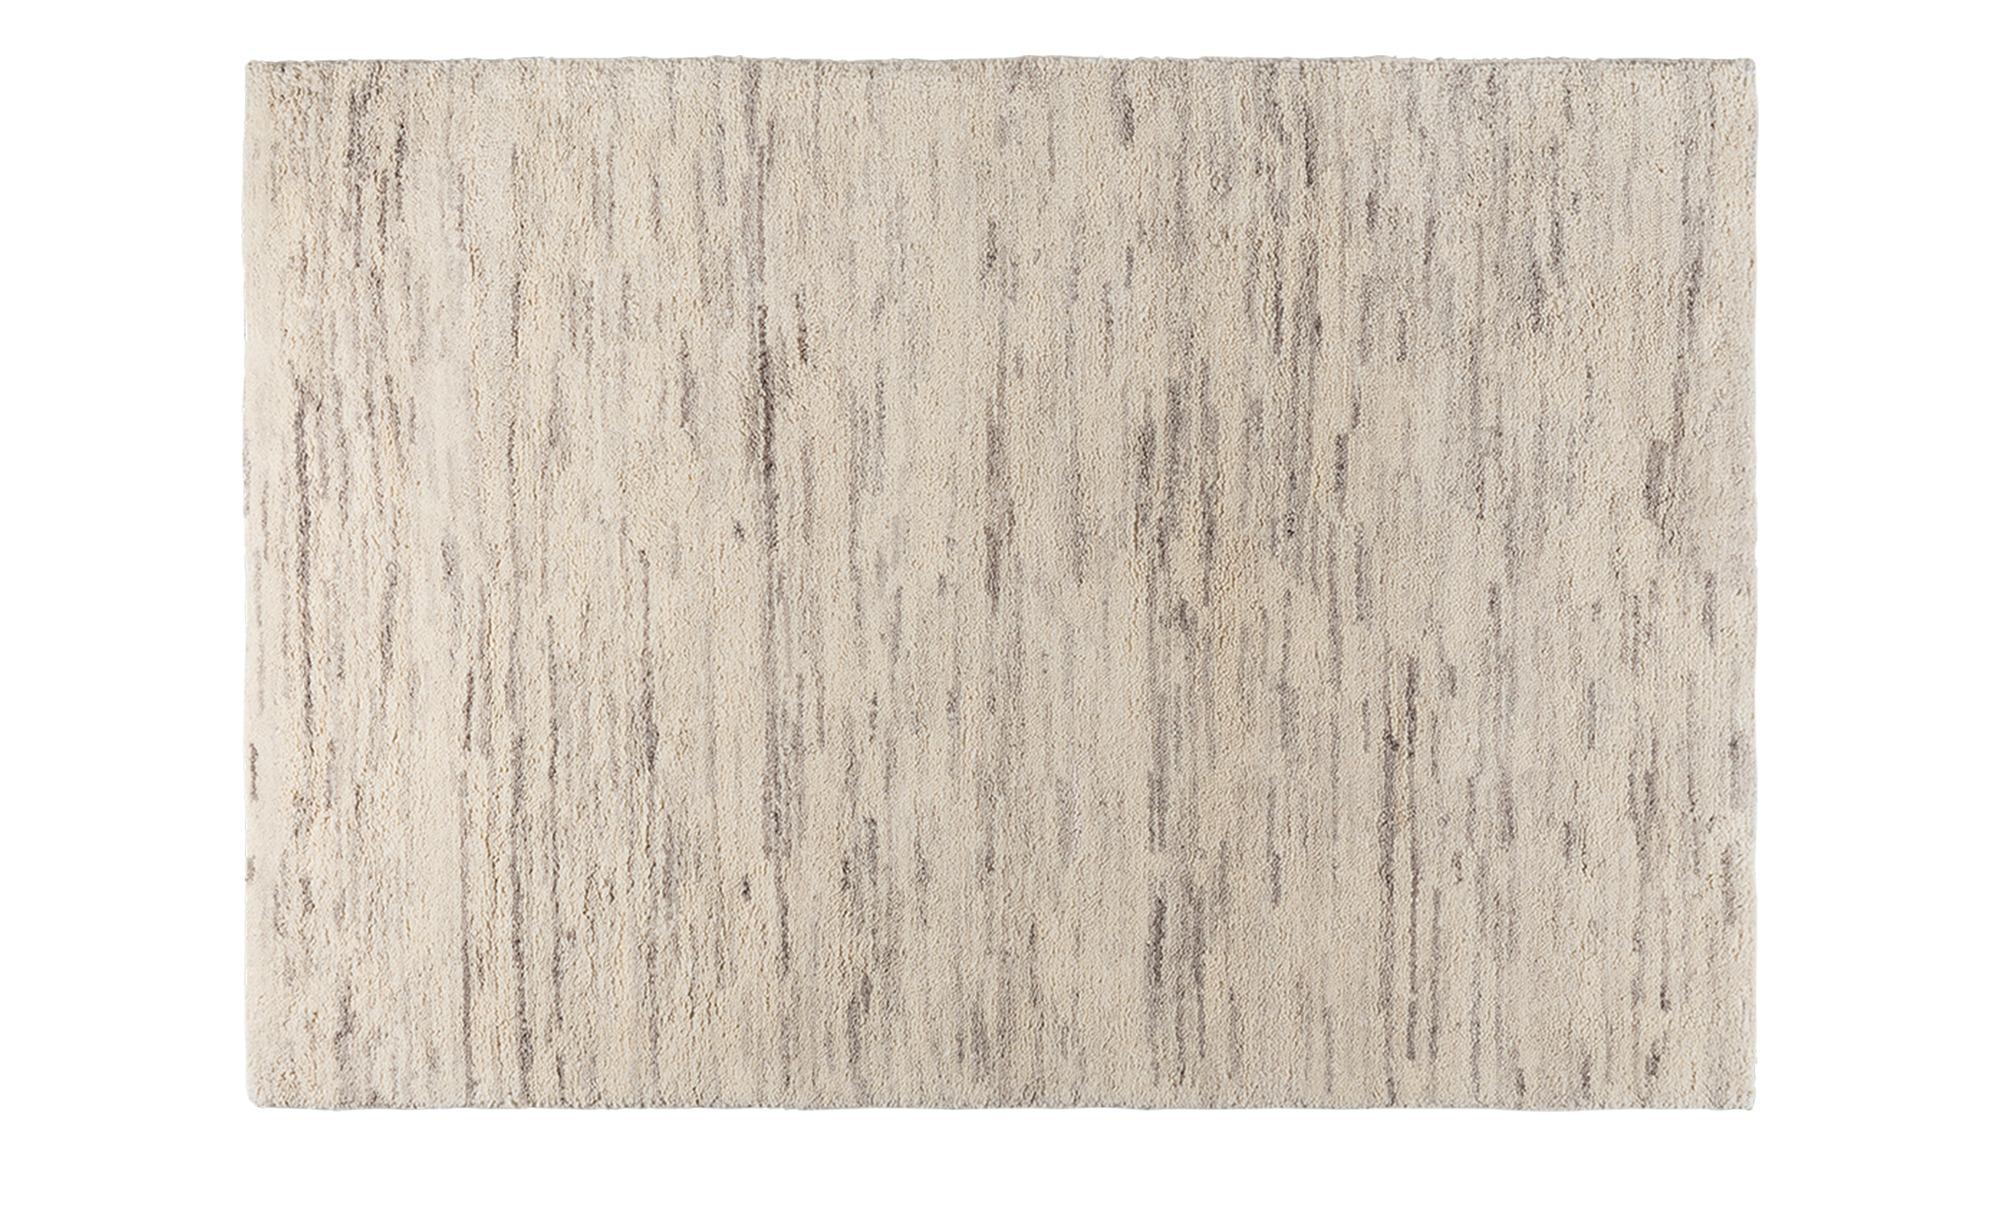 berber teppich rabat breite 70 cm h he creme online kaufen bei woonio. Black Bedroom Furniture Sets. Home Design Ideas